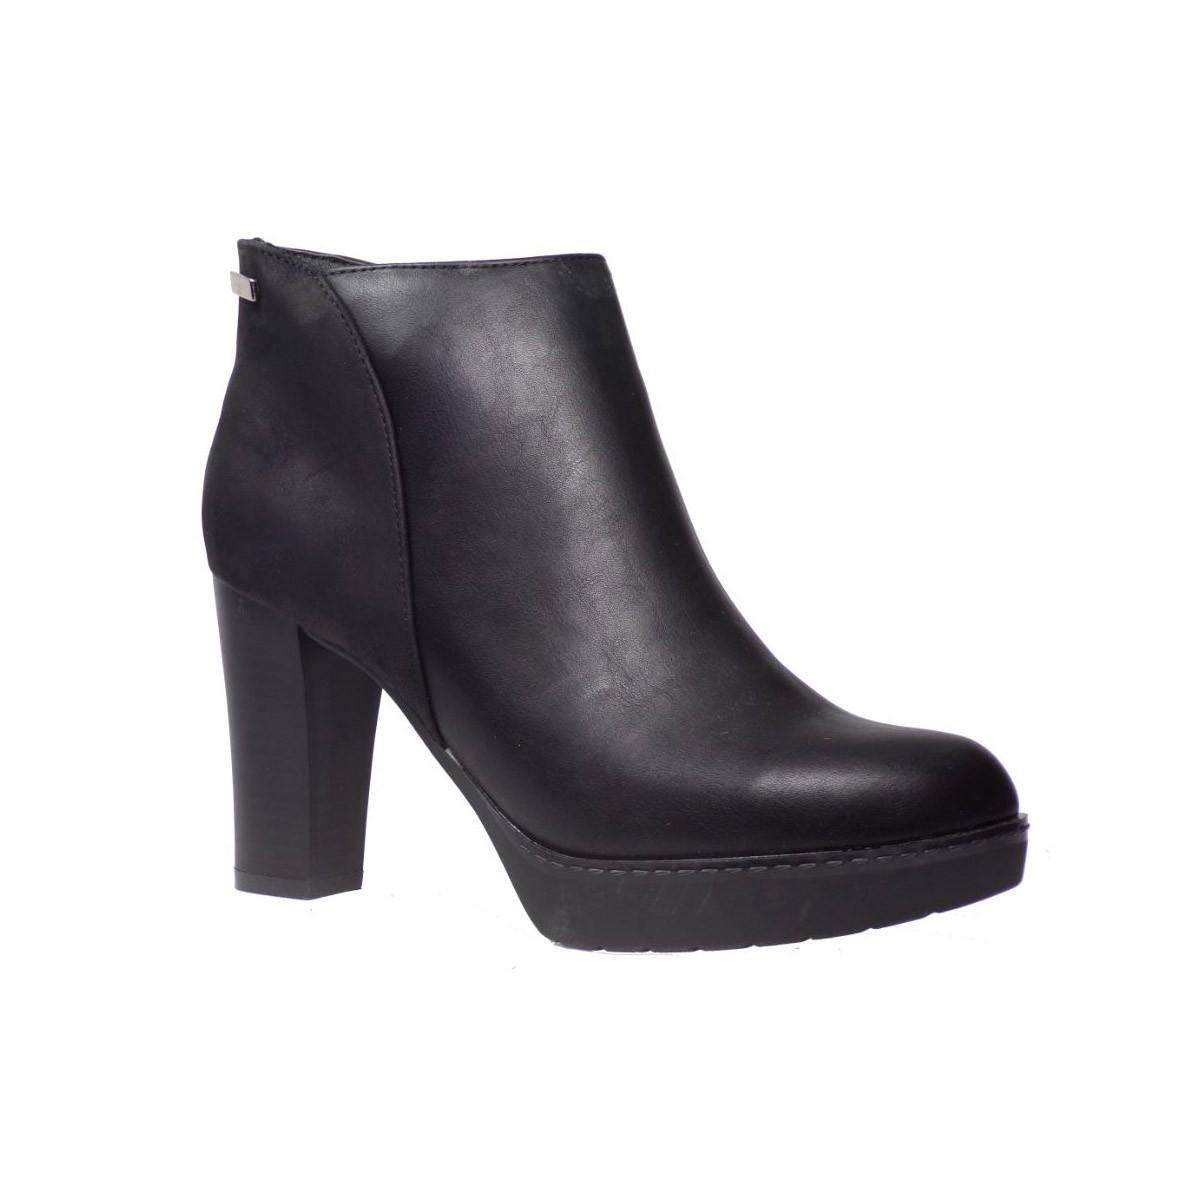 Fashion Icon Γυναικεία Παπούτσια Μποτάκια F24-2540 Μαύρο Fashion icon F24-2540 M